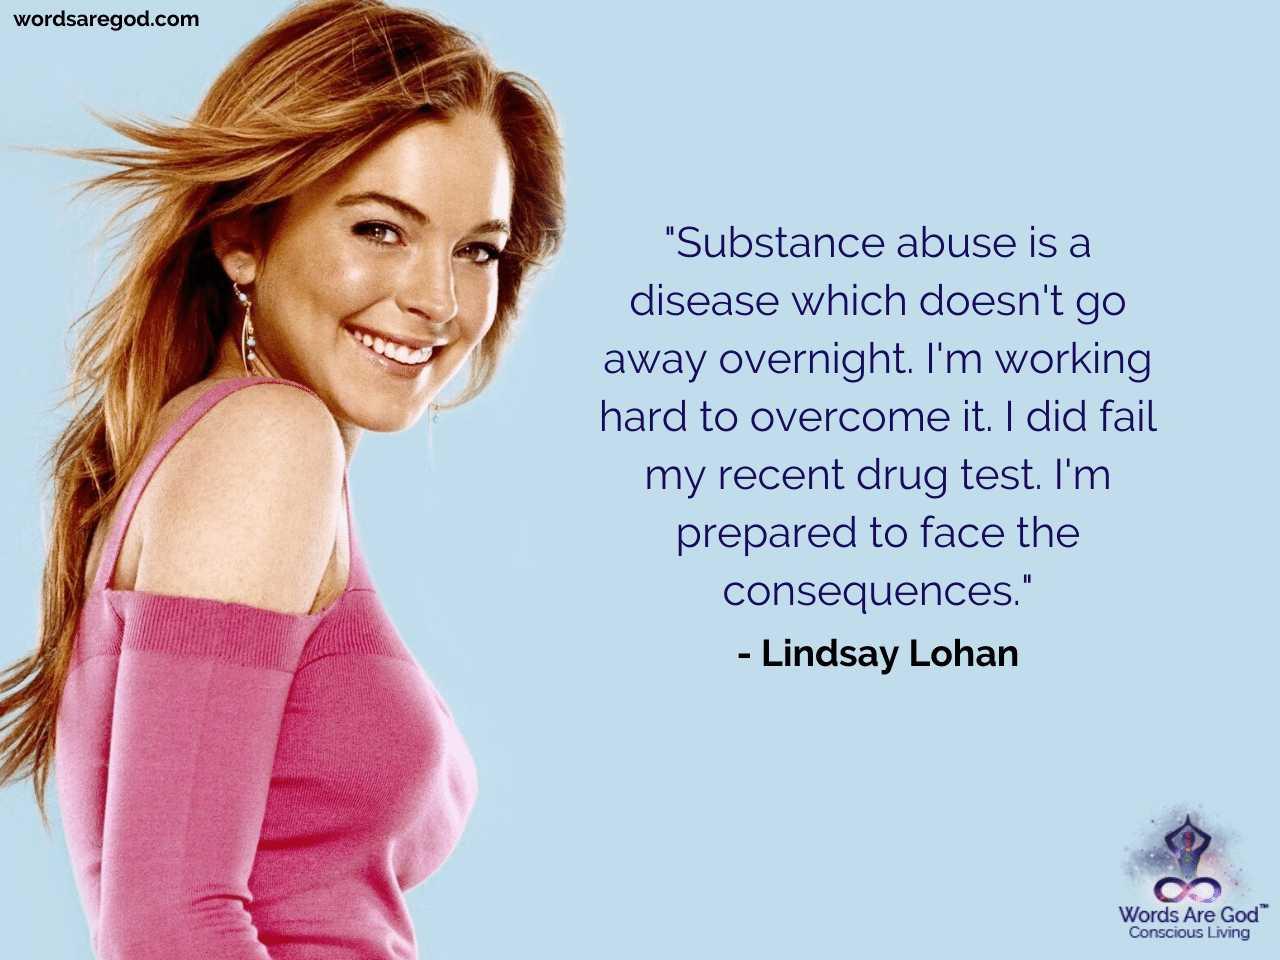 Lindsay Lohan Life Quotes